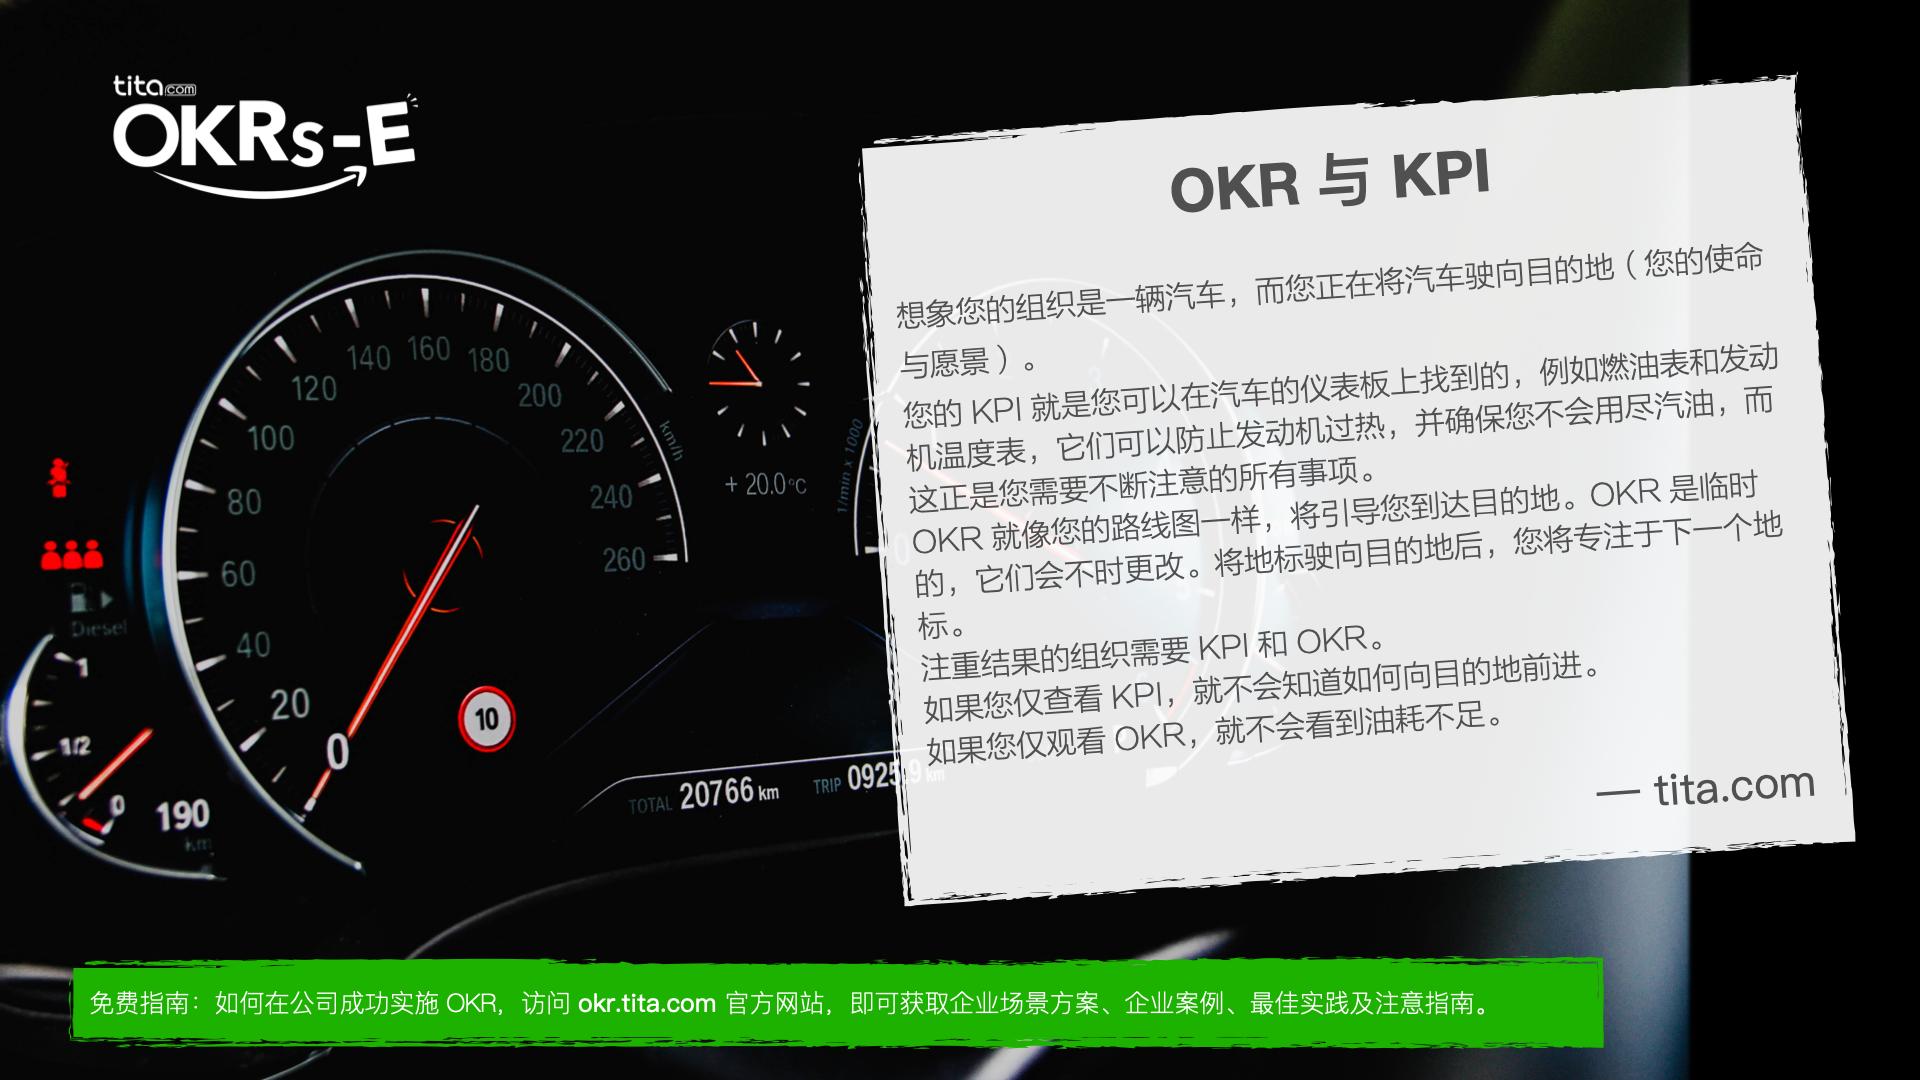 《 OKR 与 KPI 》专题